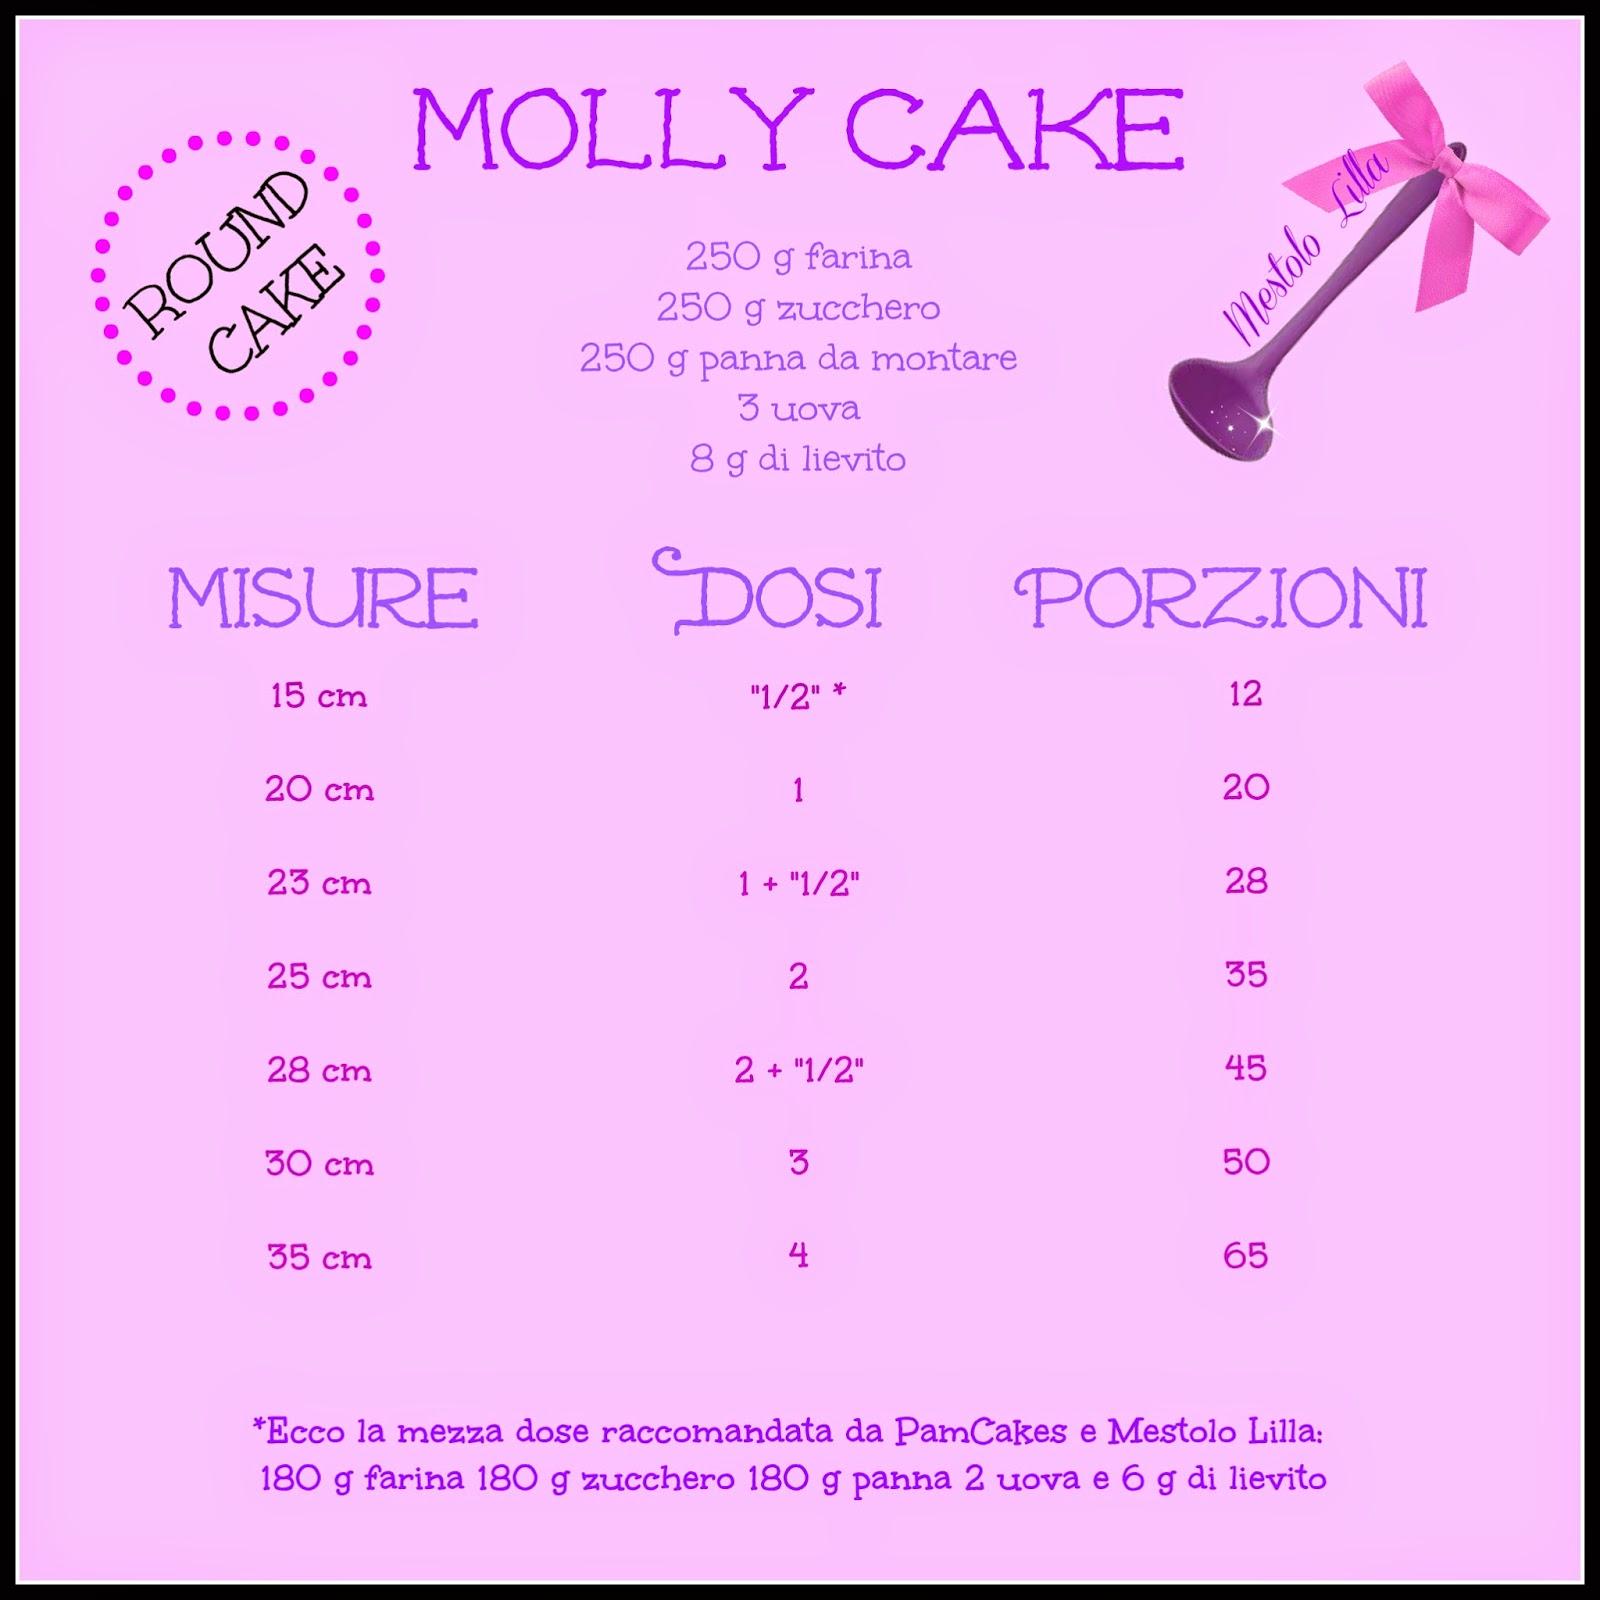 Molly Cake Molly Cake Design